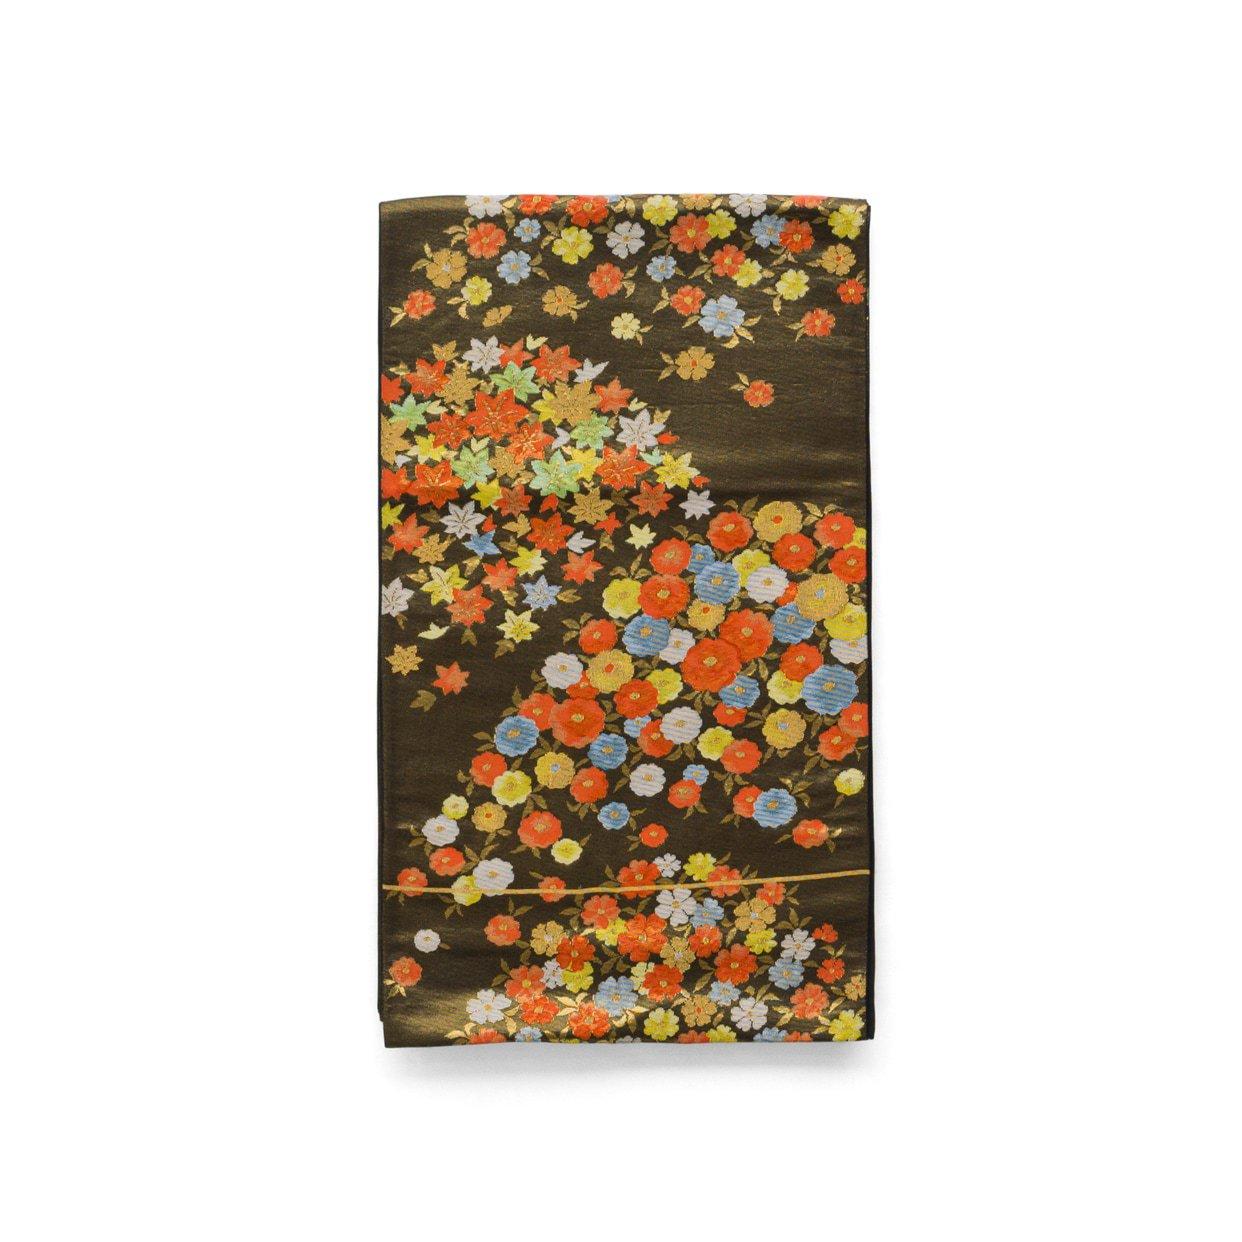 「袋帯●金黒地に小花」の商品画像